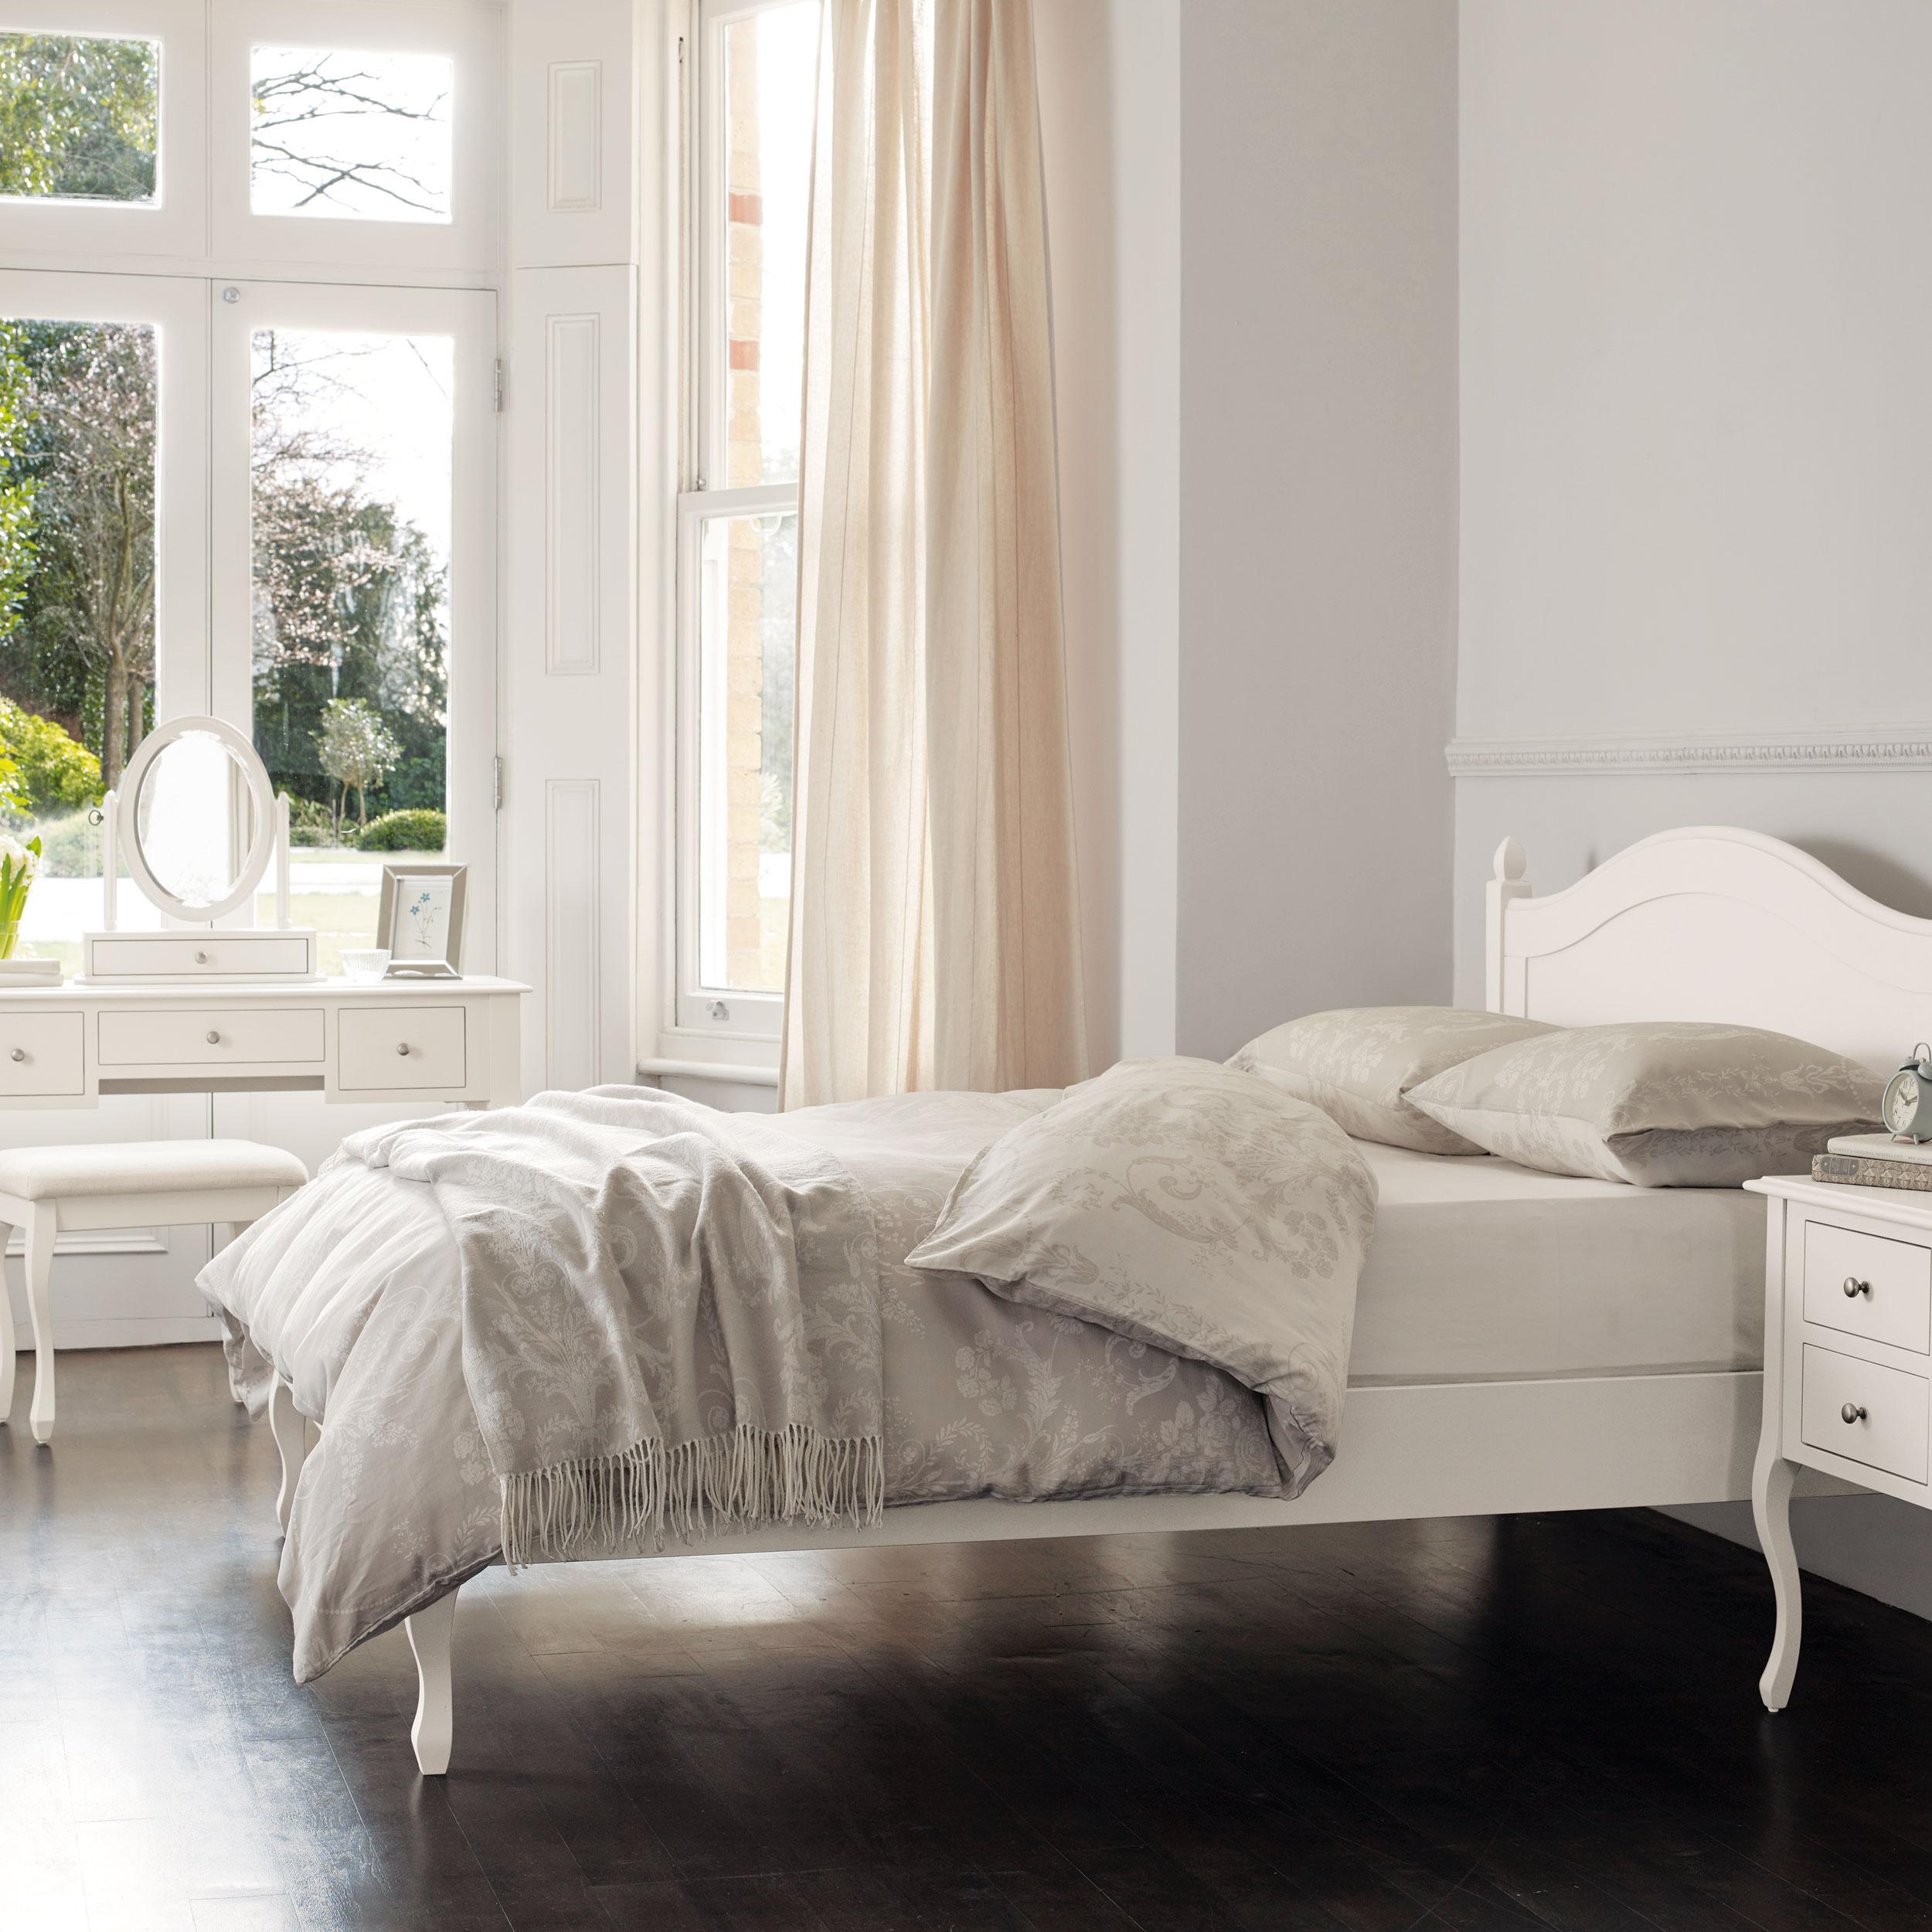 Tienda online de muebles para el sal n comprar muebles for Salon laura ashley